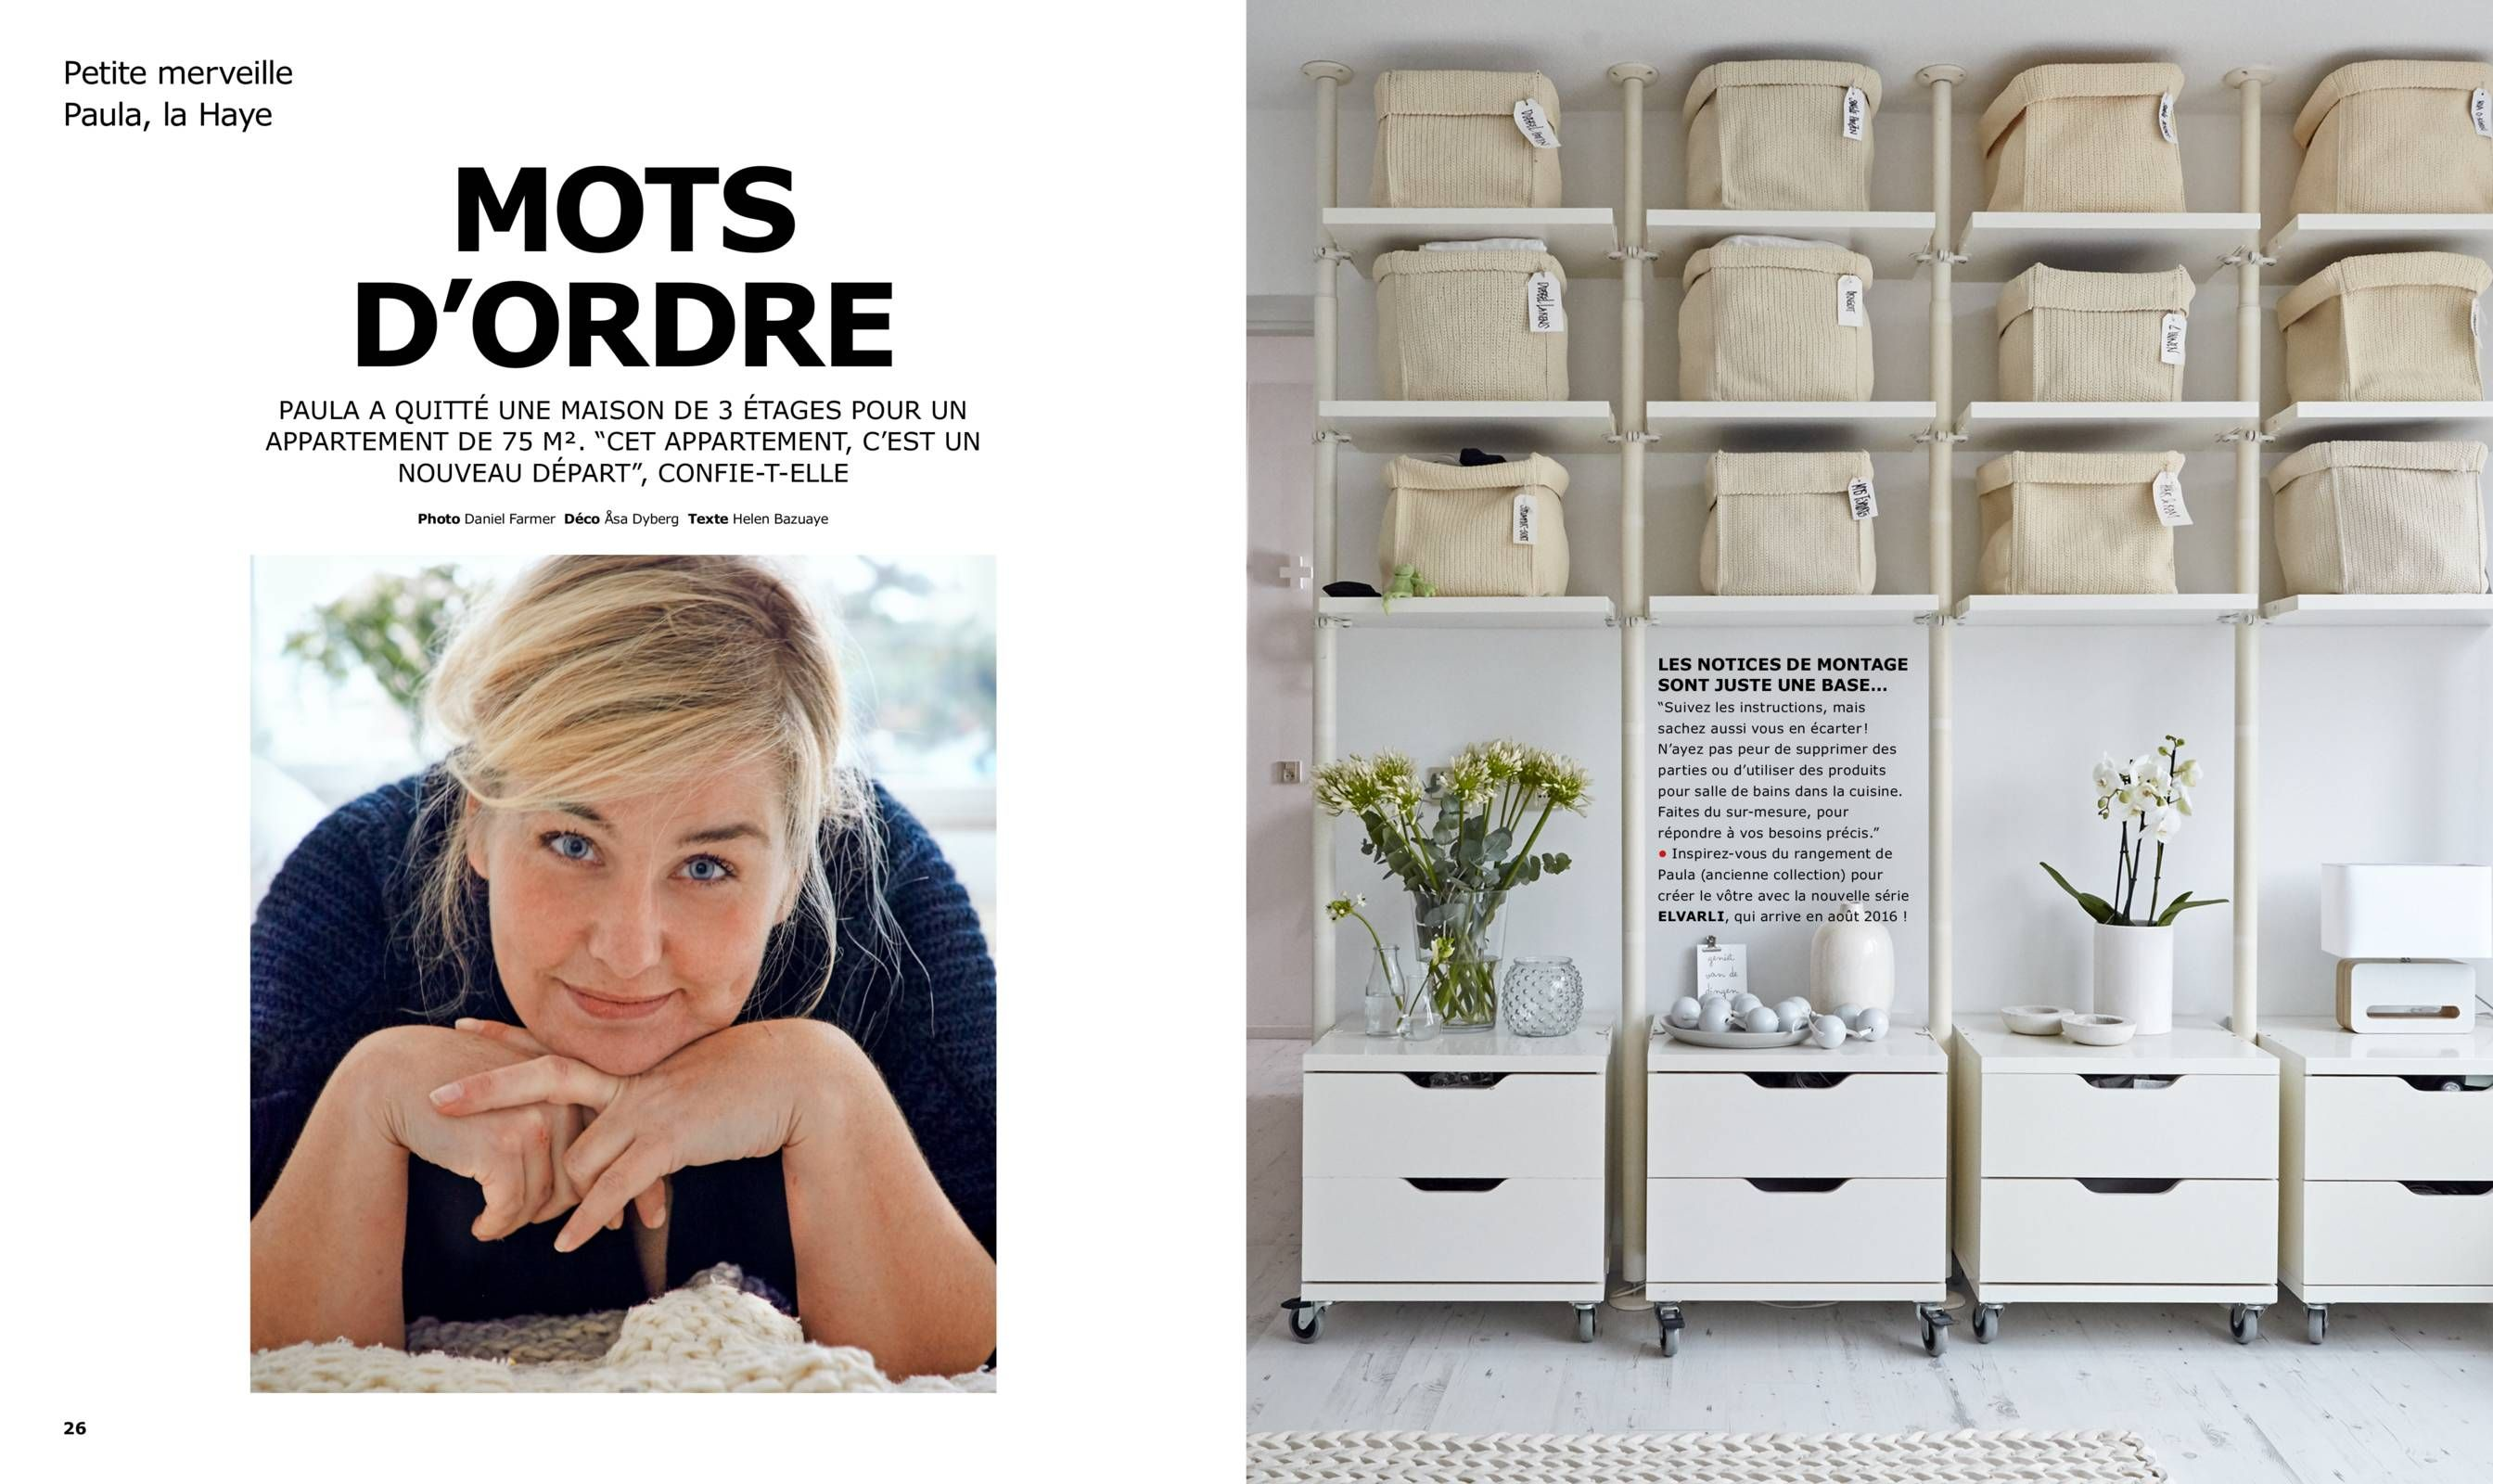 Meuble A Roulettes Sous Meuble Bibliotheque Etageres Sans Percer Posees Sur La Bibliotheque Decoration Ikea Ikea Mobilier De Salon